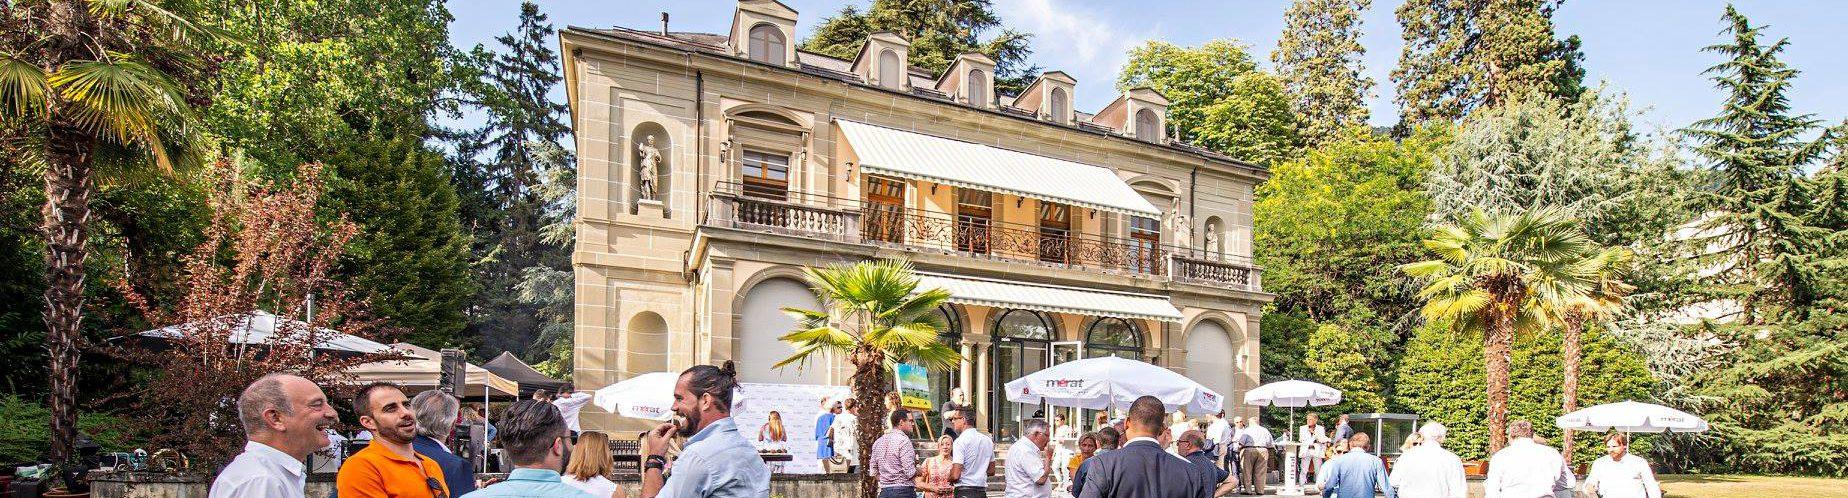 montreux business school